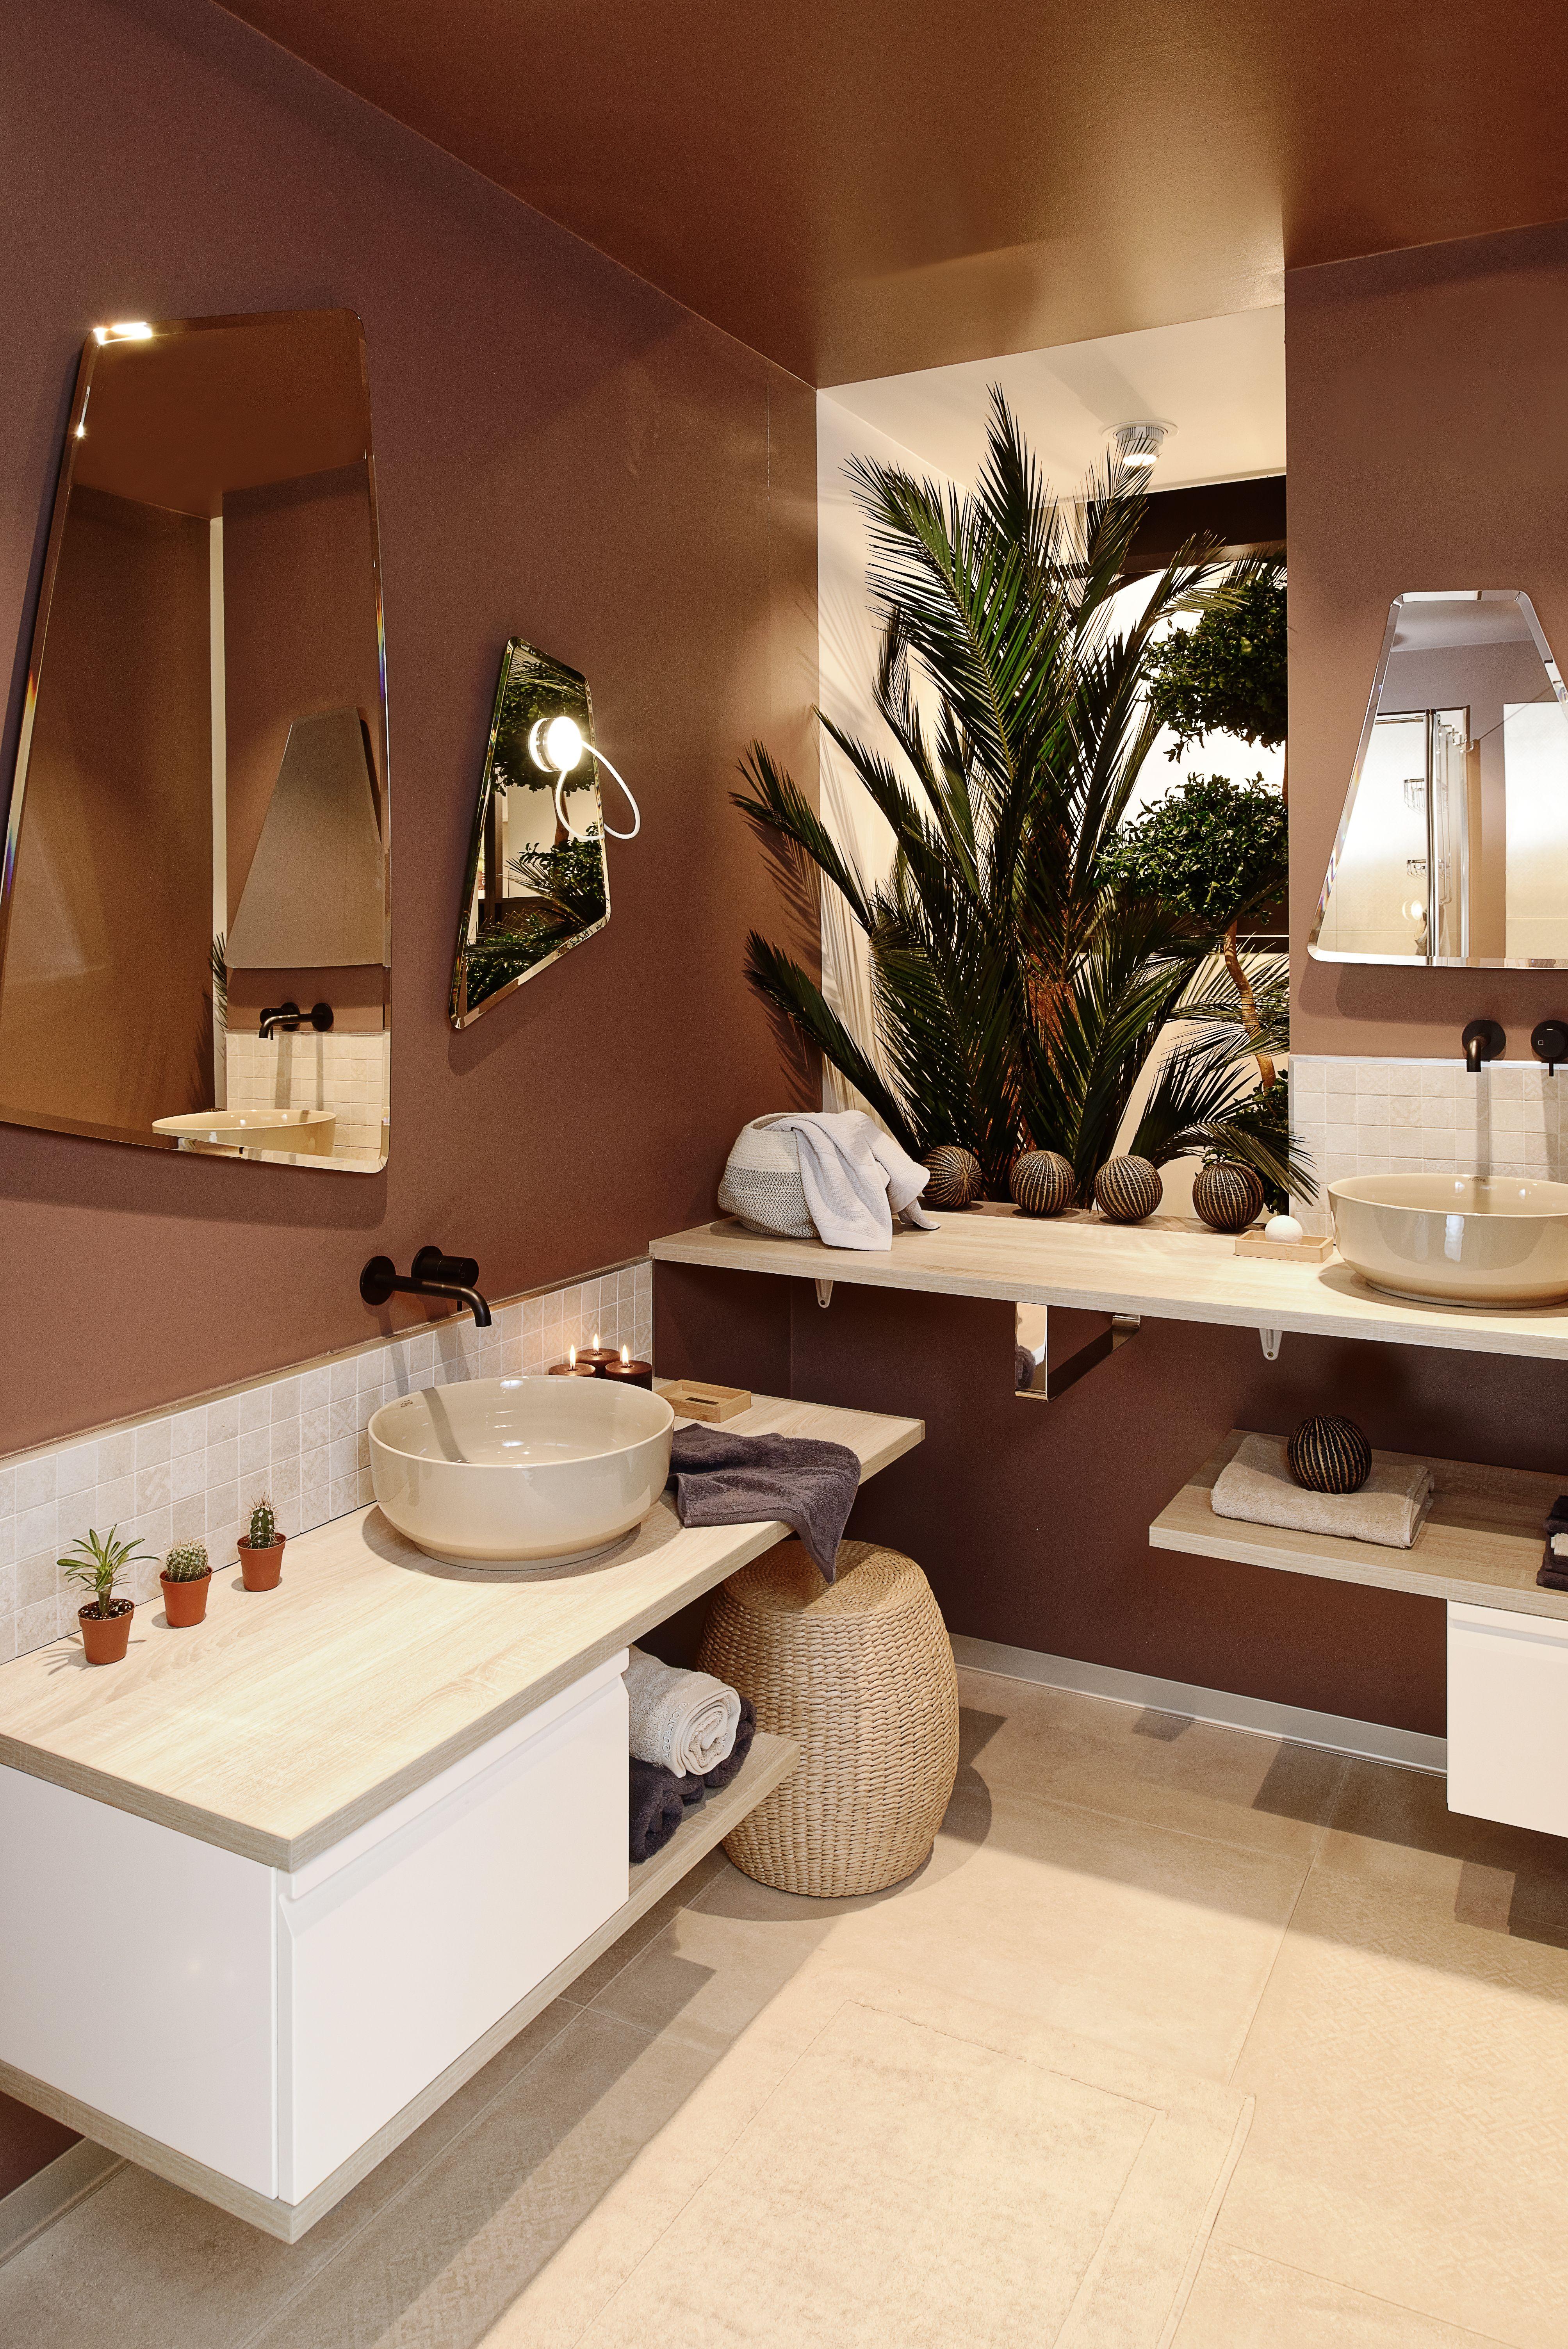 Jolie Salle De Bain Style Naturel Et Hygge Aux Couleurs Blush